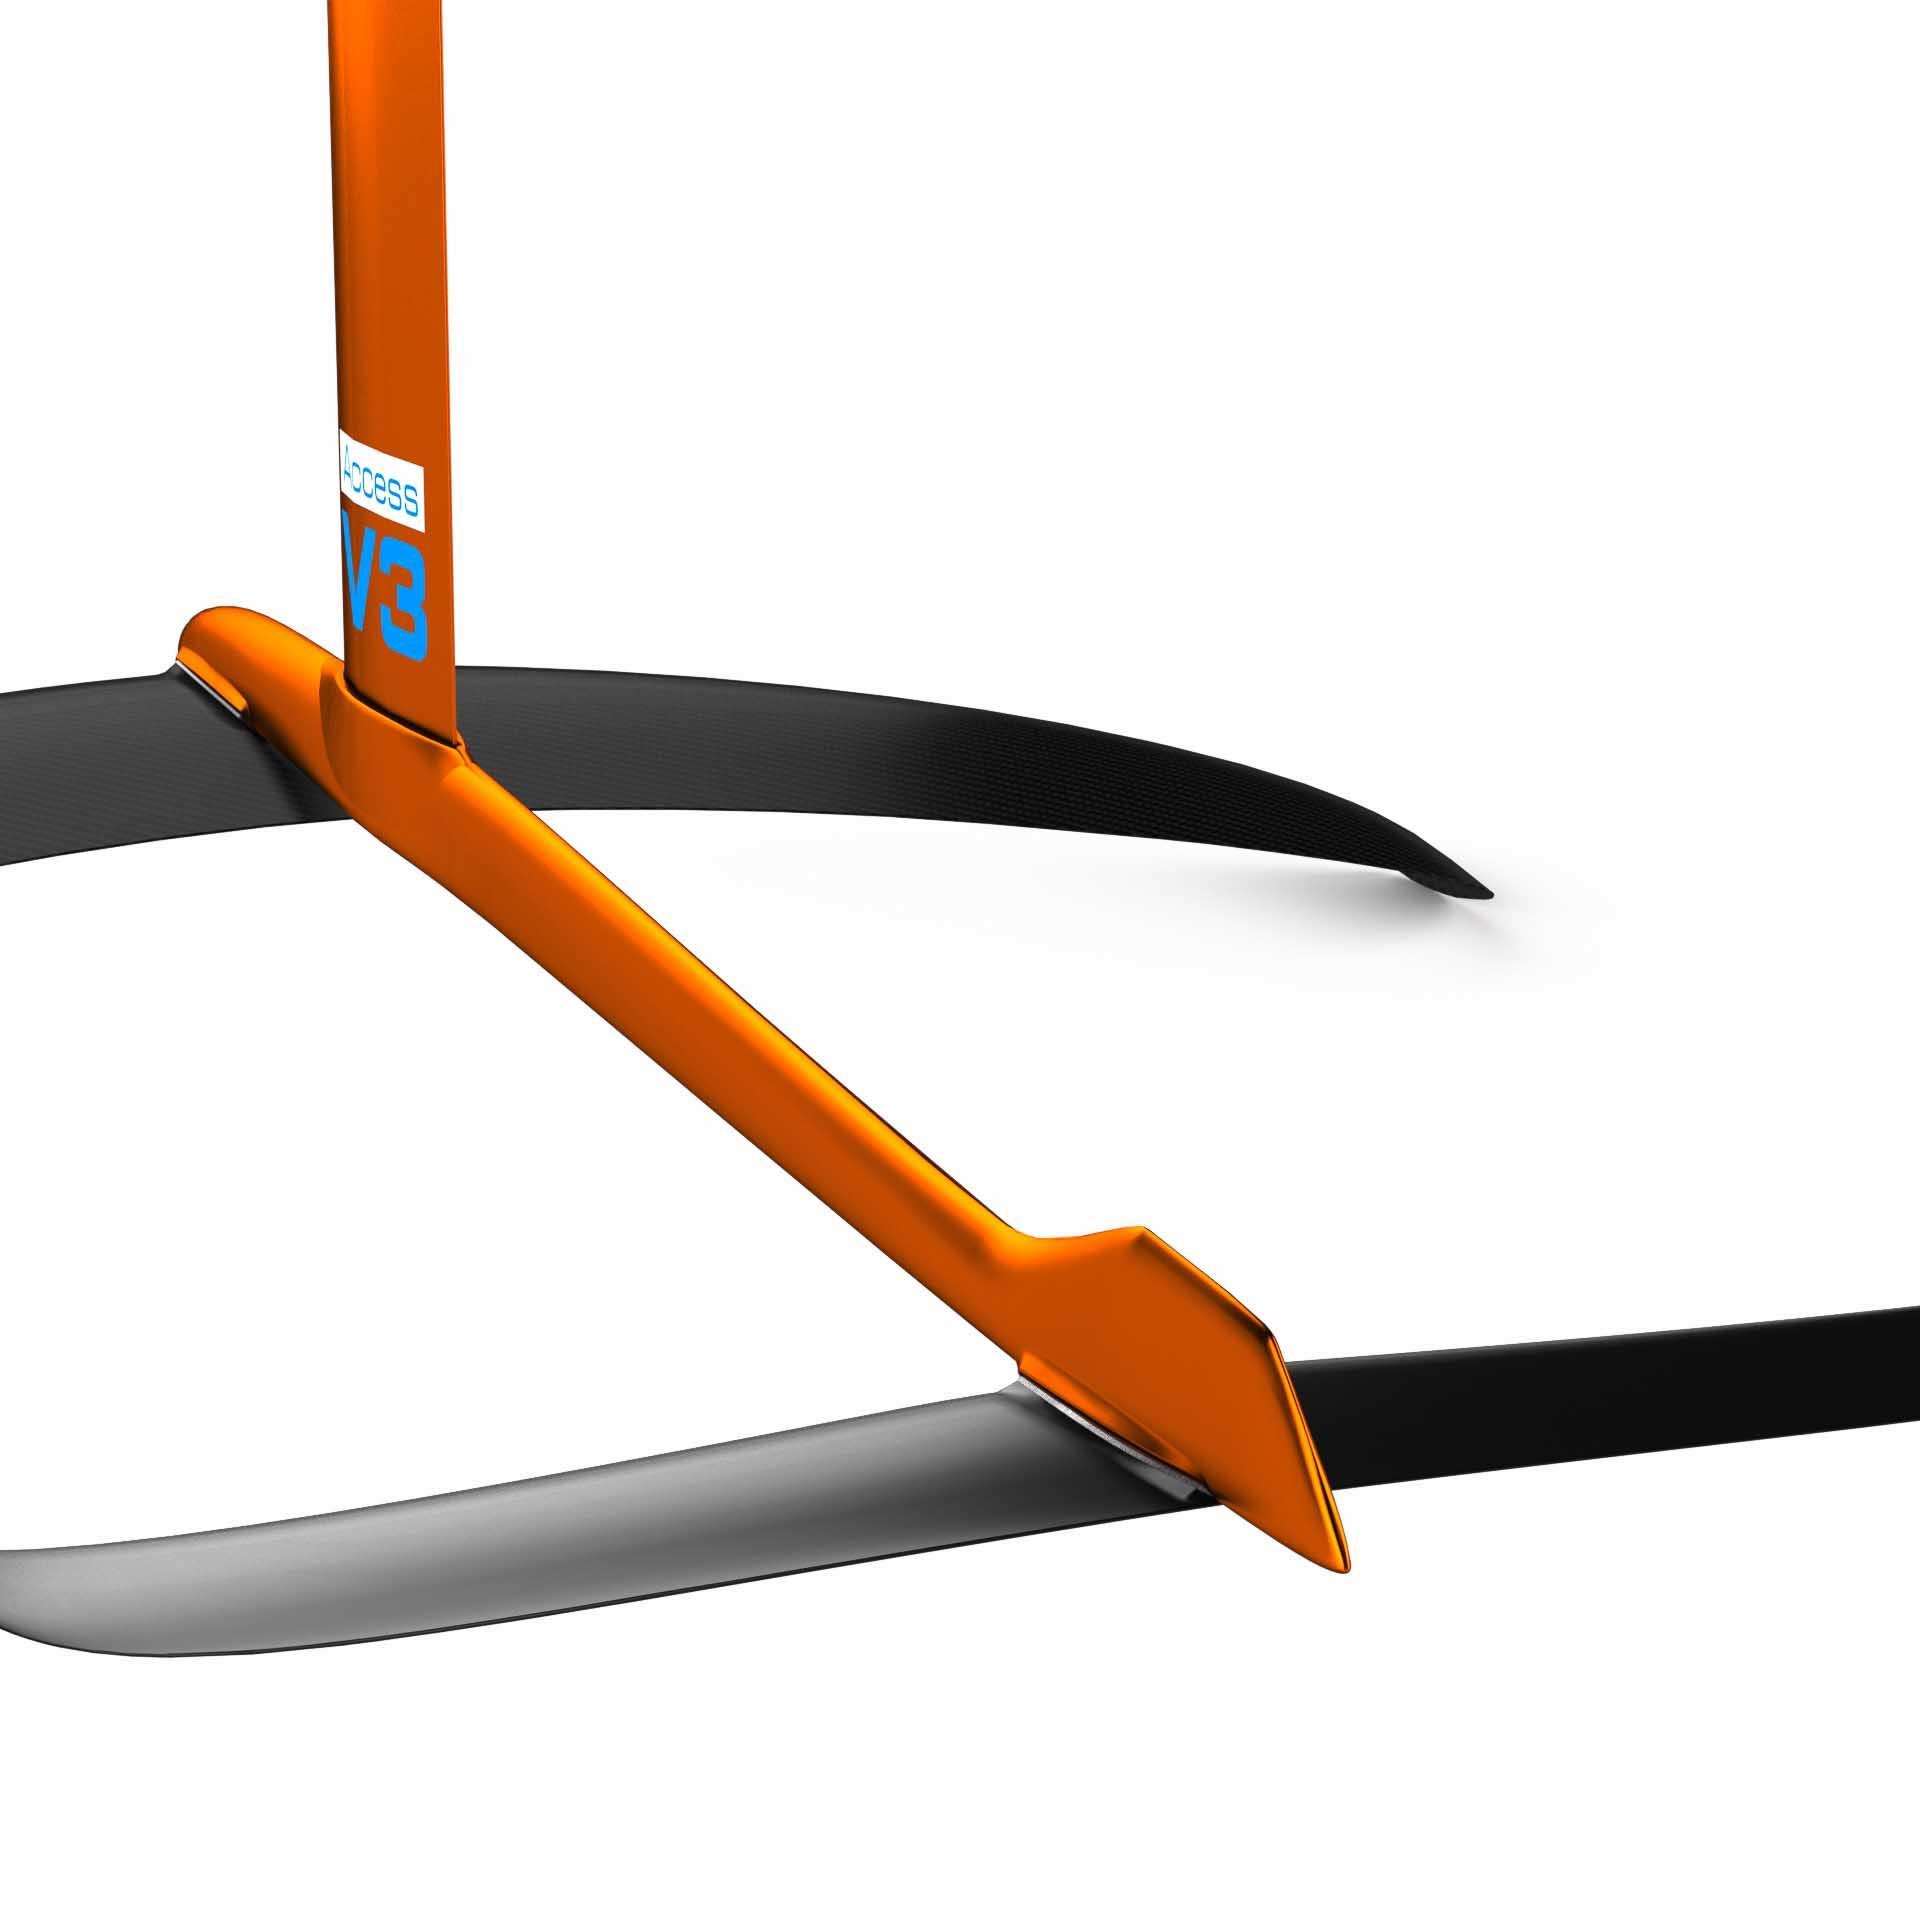 Kitefoil alpinefoil access 3 5 20